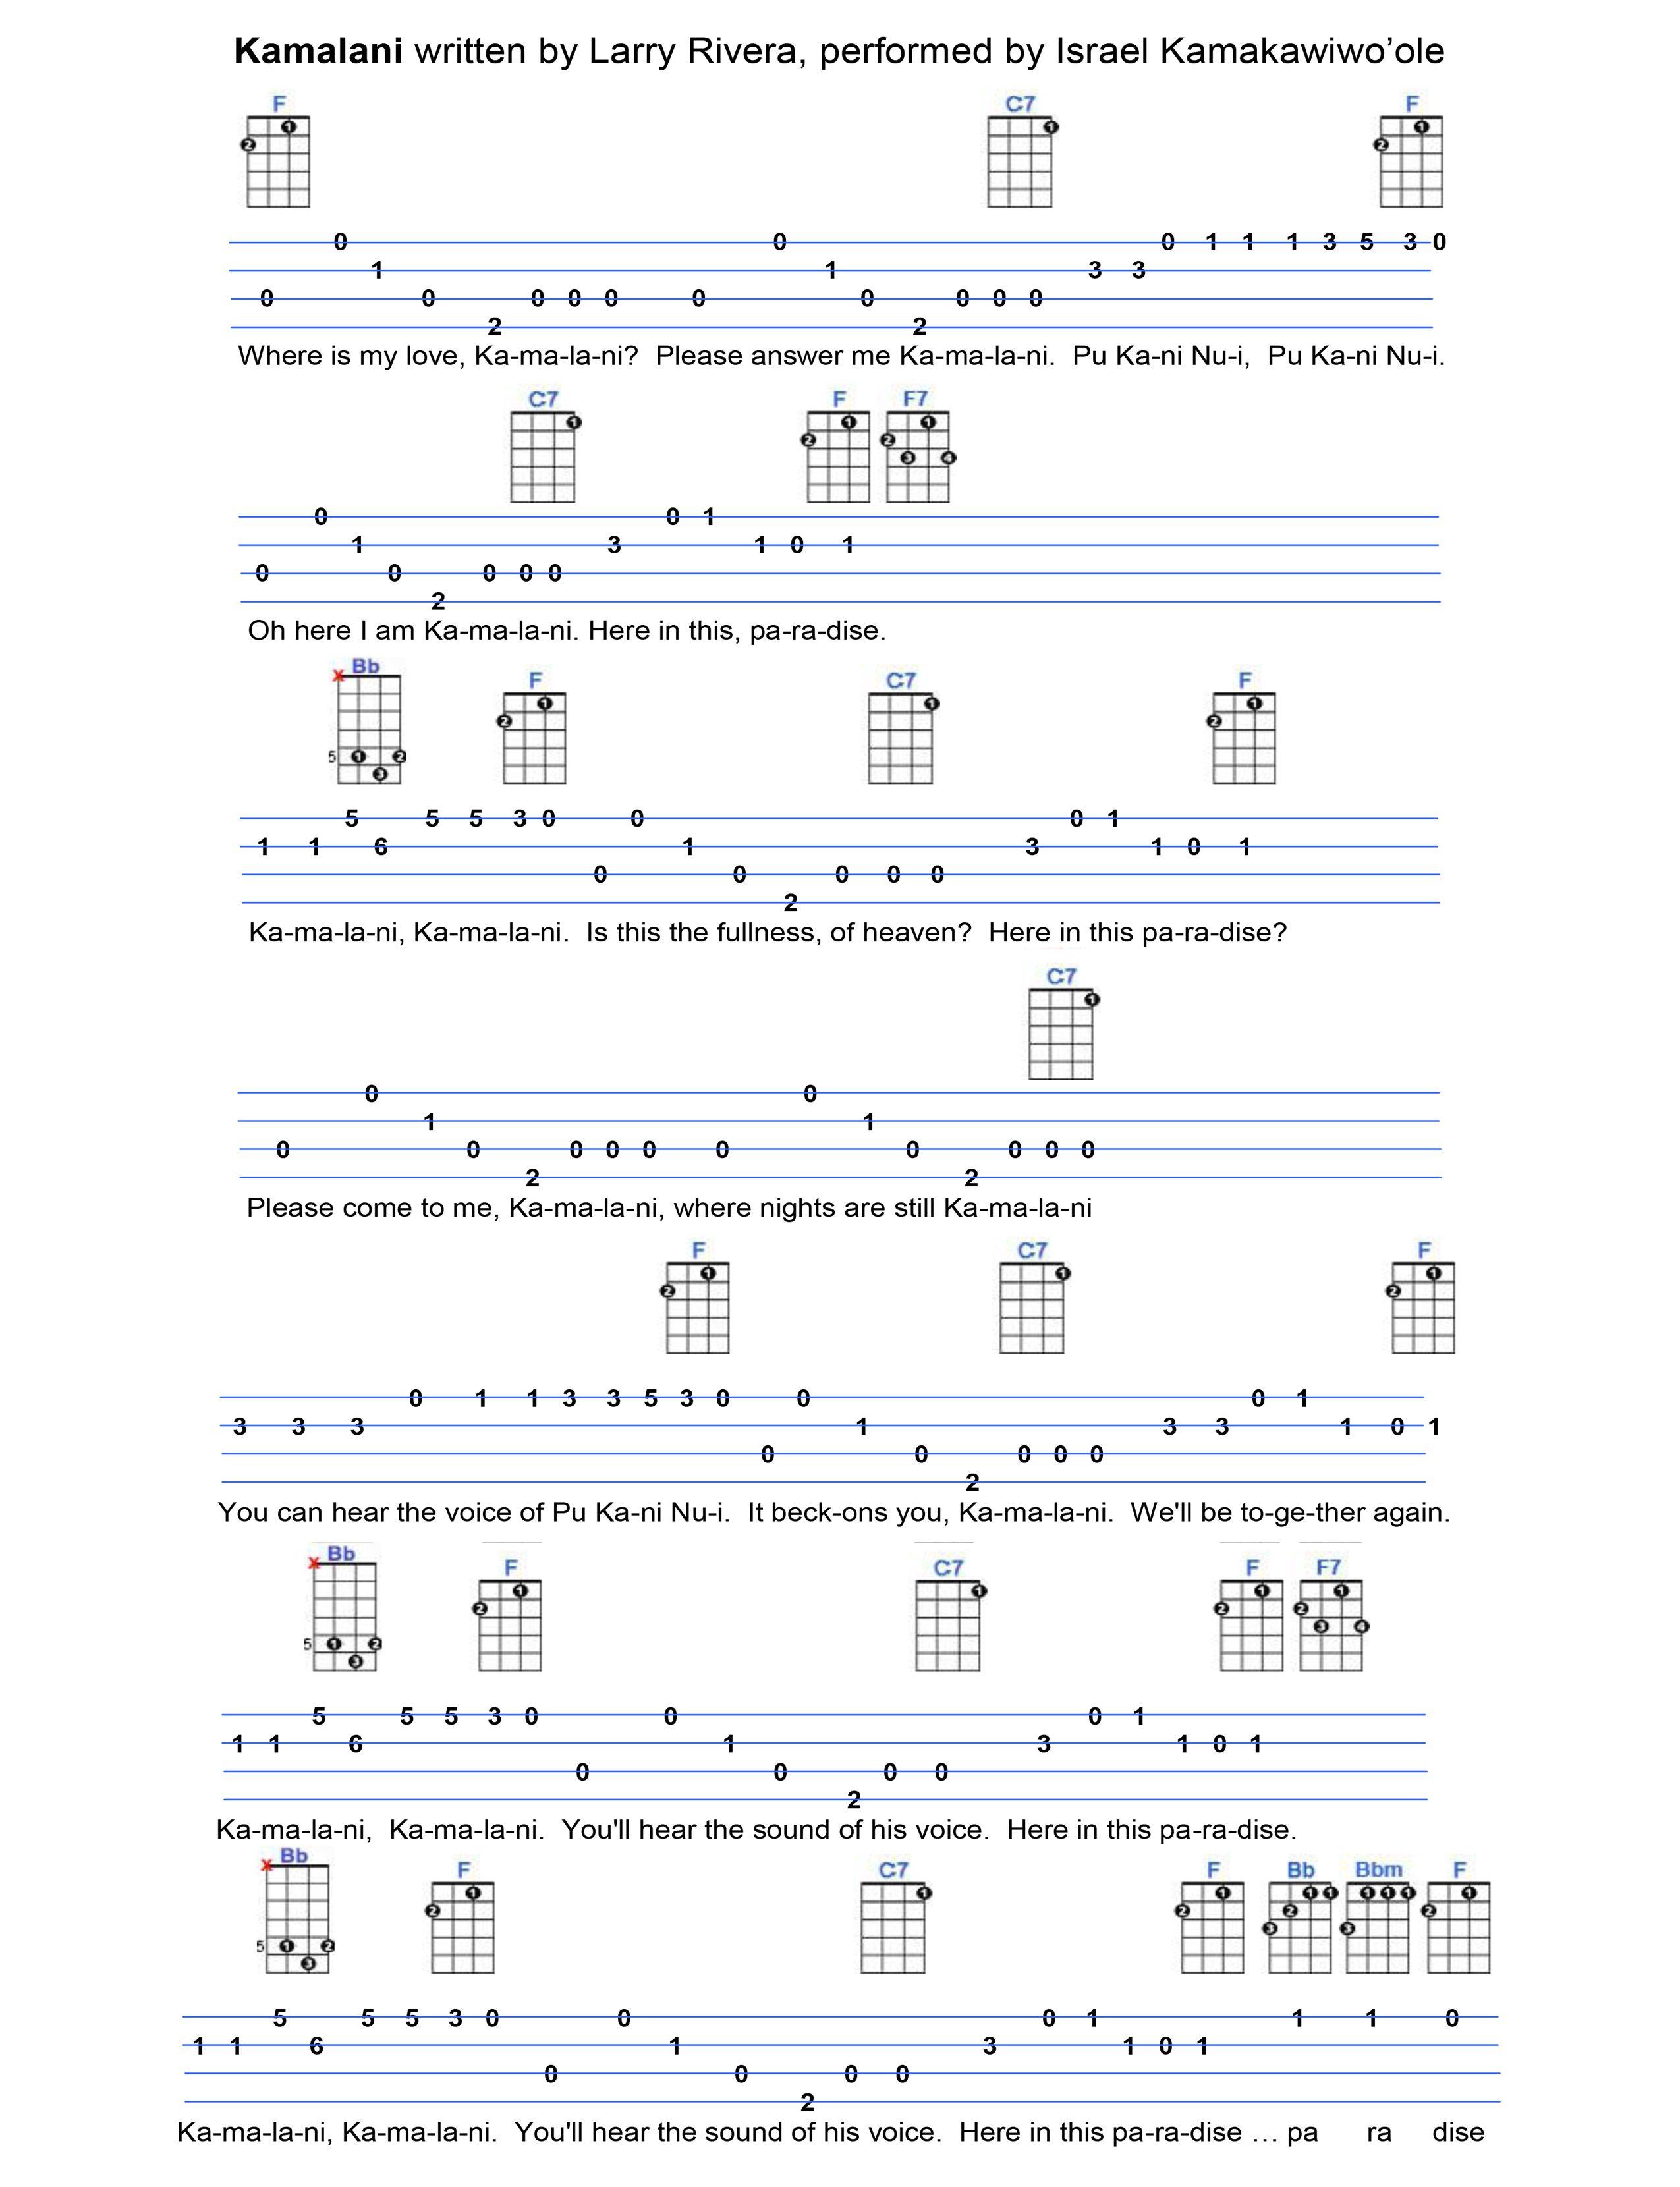 Kamalani ukulele tabs pinterest ukulele tabs musical kamalani ukulele tabsukulele chordsmusical hexwebz Images